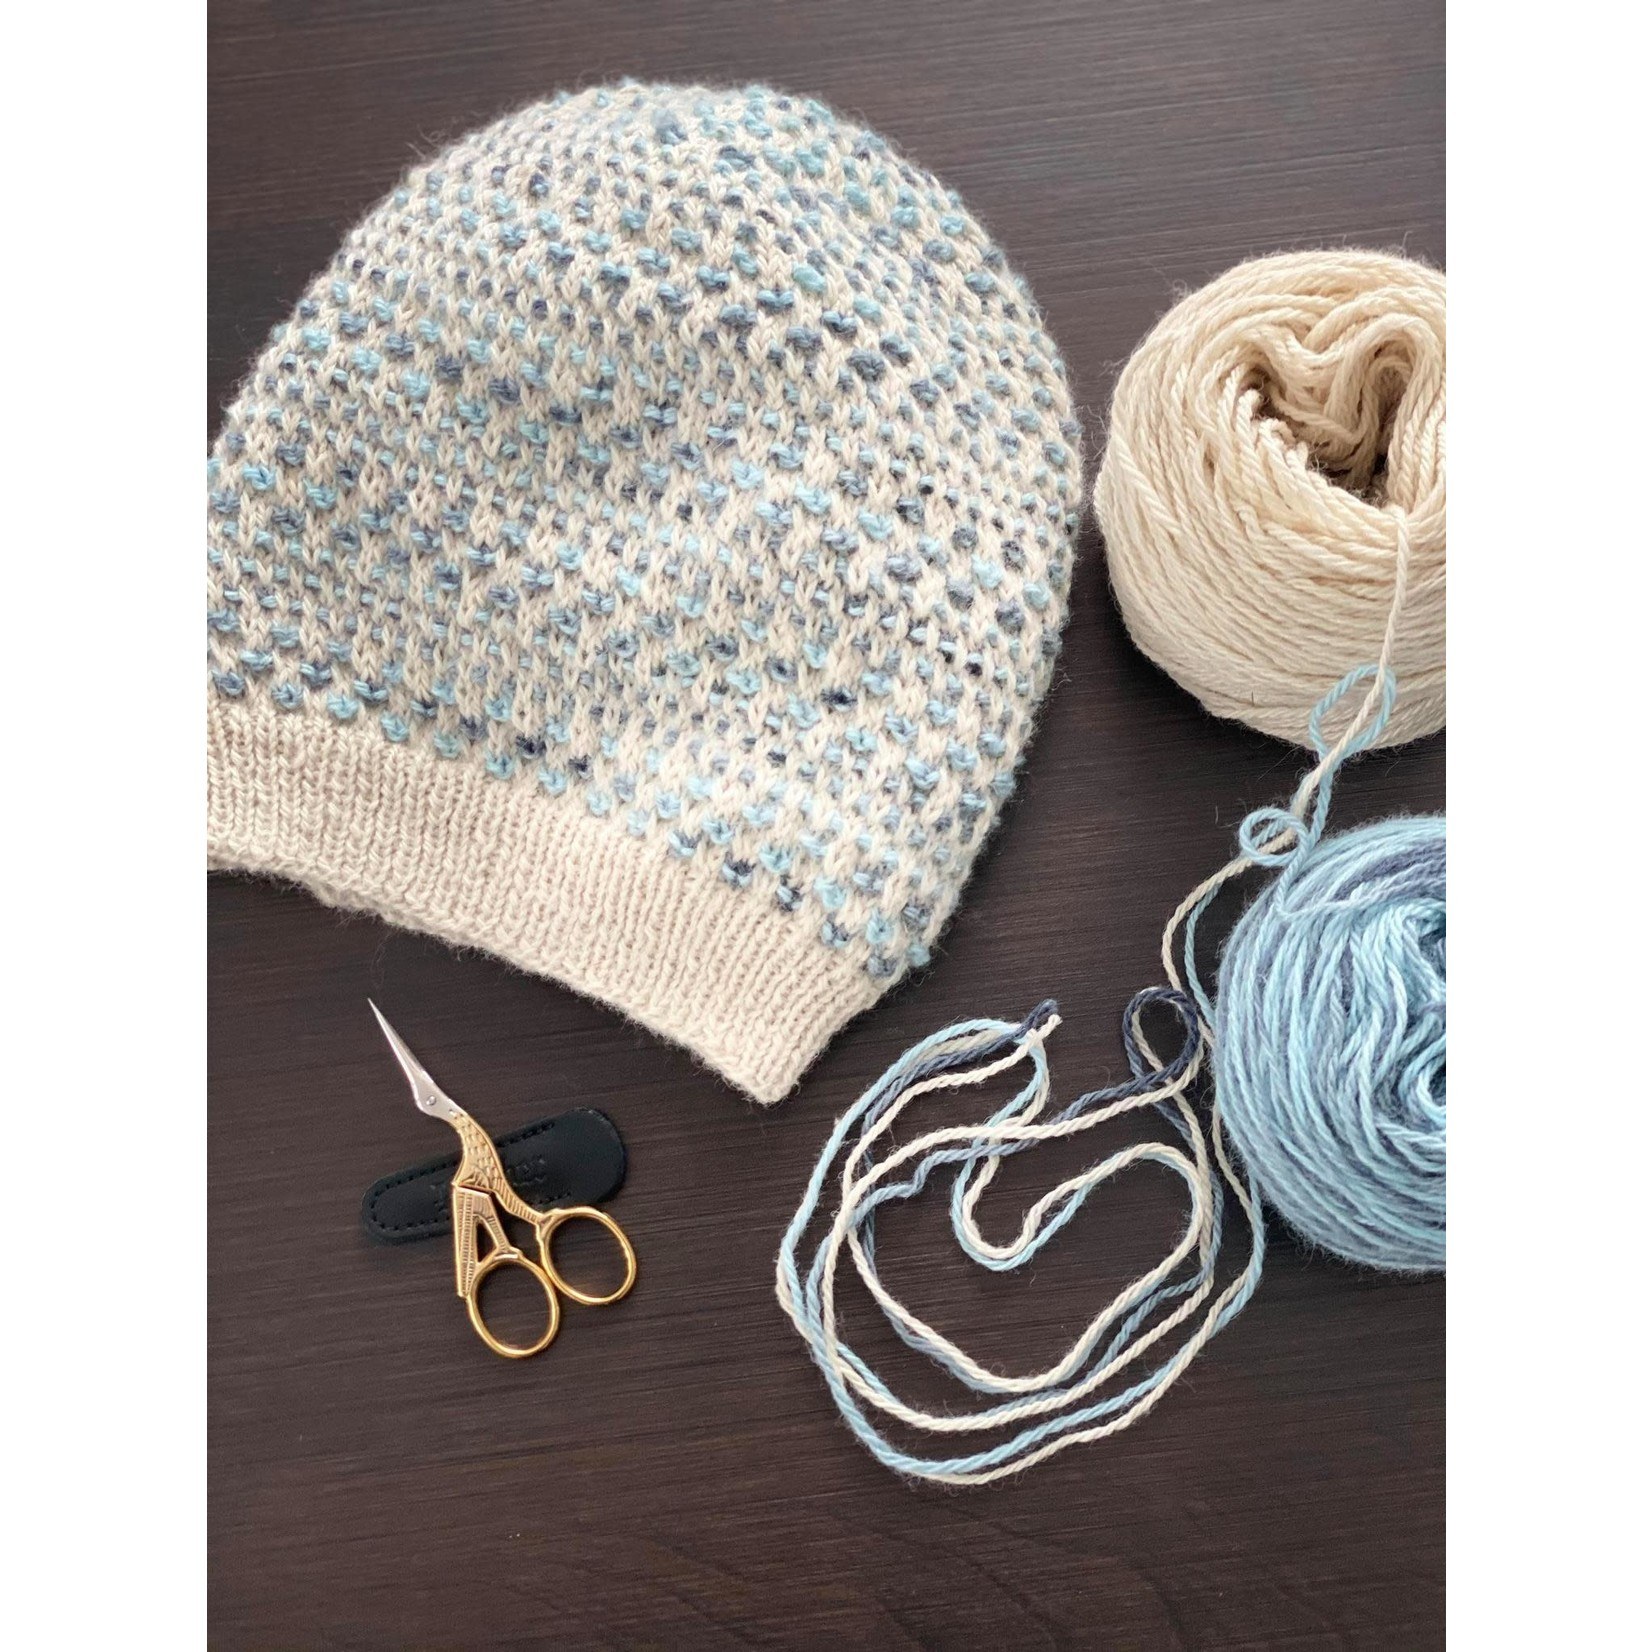 Prairie Spirt Alpacas Shiftalong Hat Kit